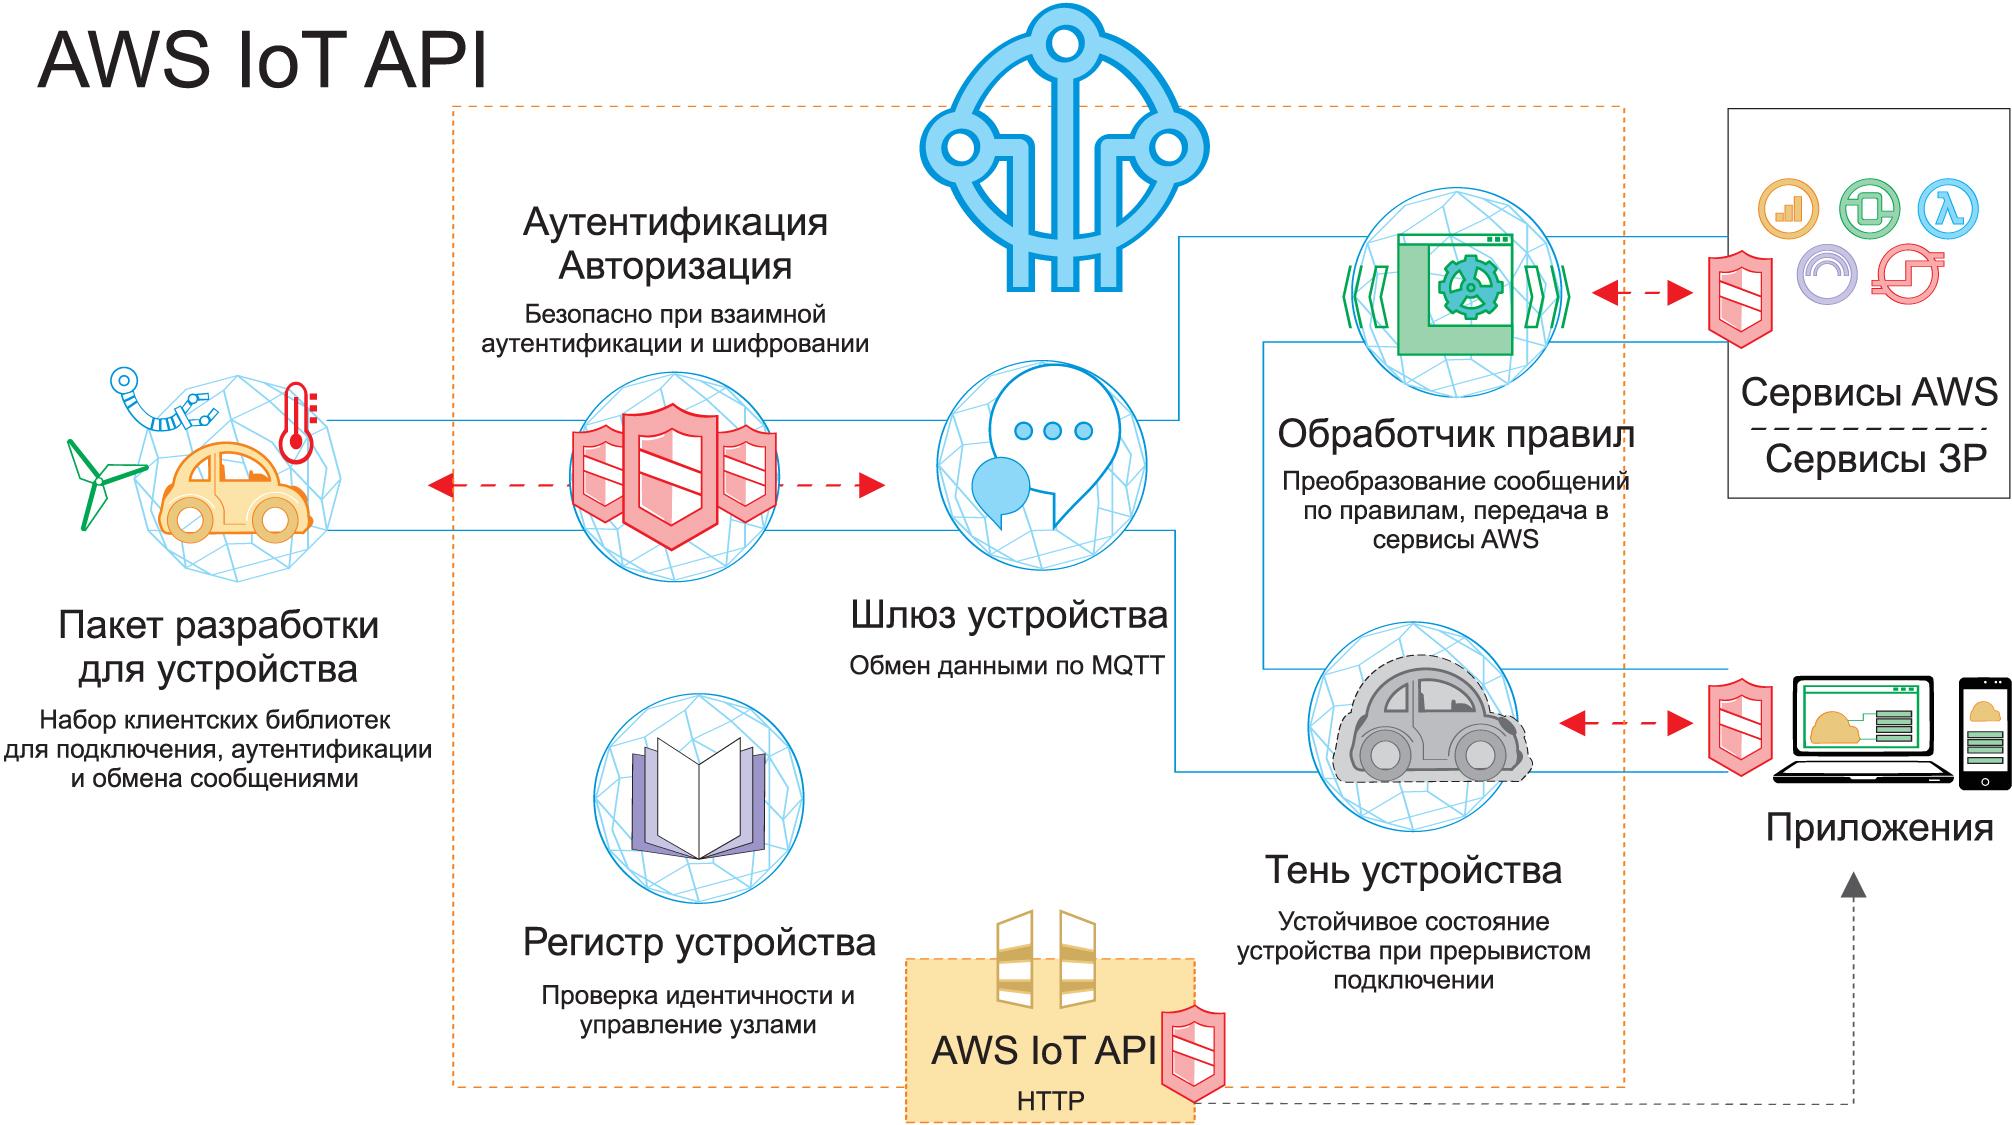 Как и прочие поставщики облачных услуг, AWS предоставляет ряд сервисов, обеспечивающих безопасность и эффективность проведения транзакций между узлами IoT и облаком